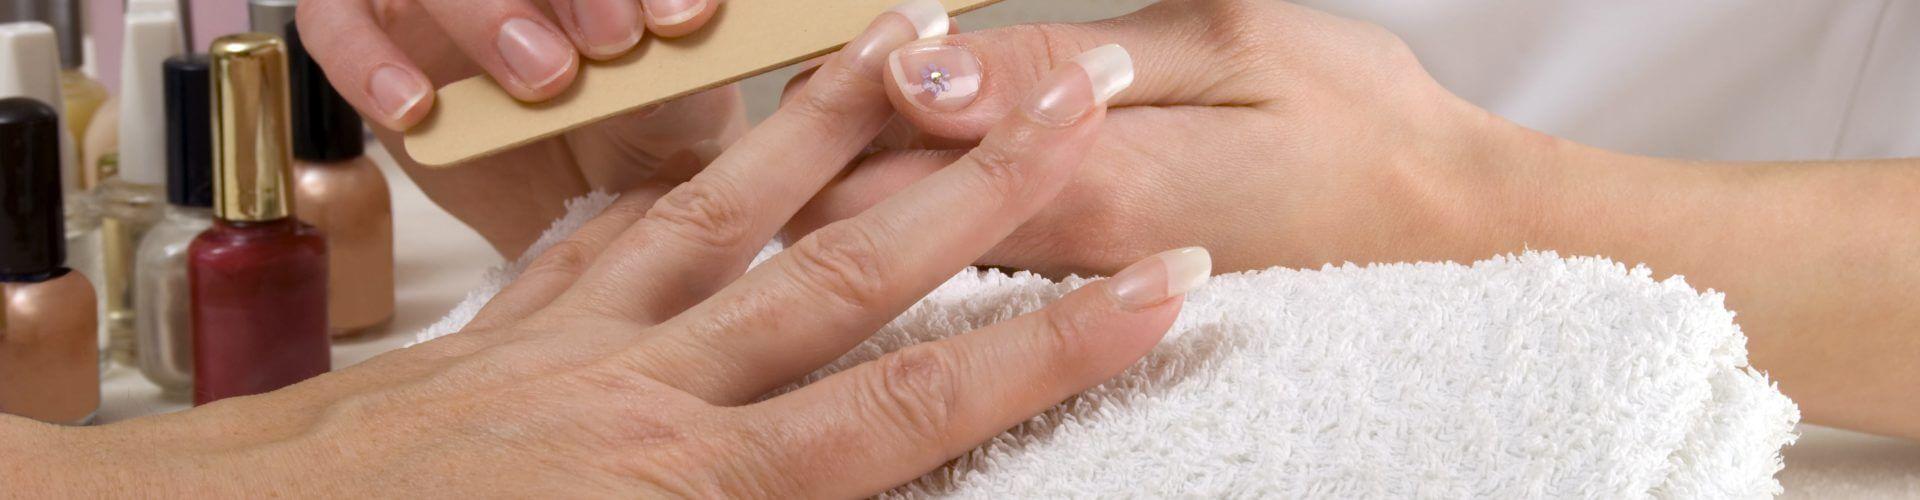 Zabieg manicure estetycznego